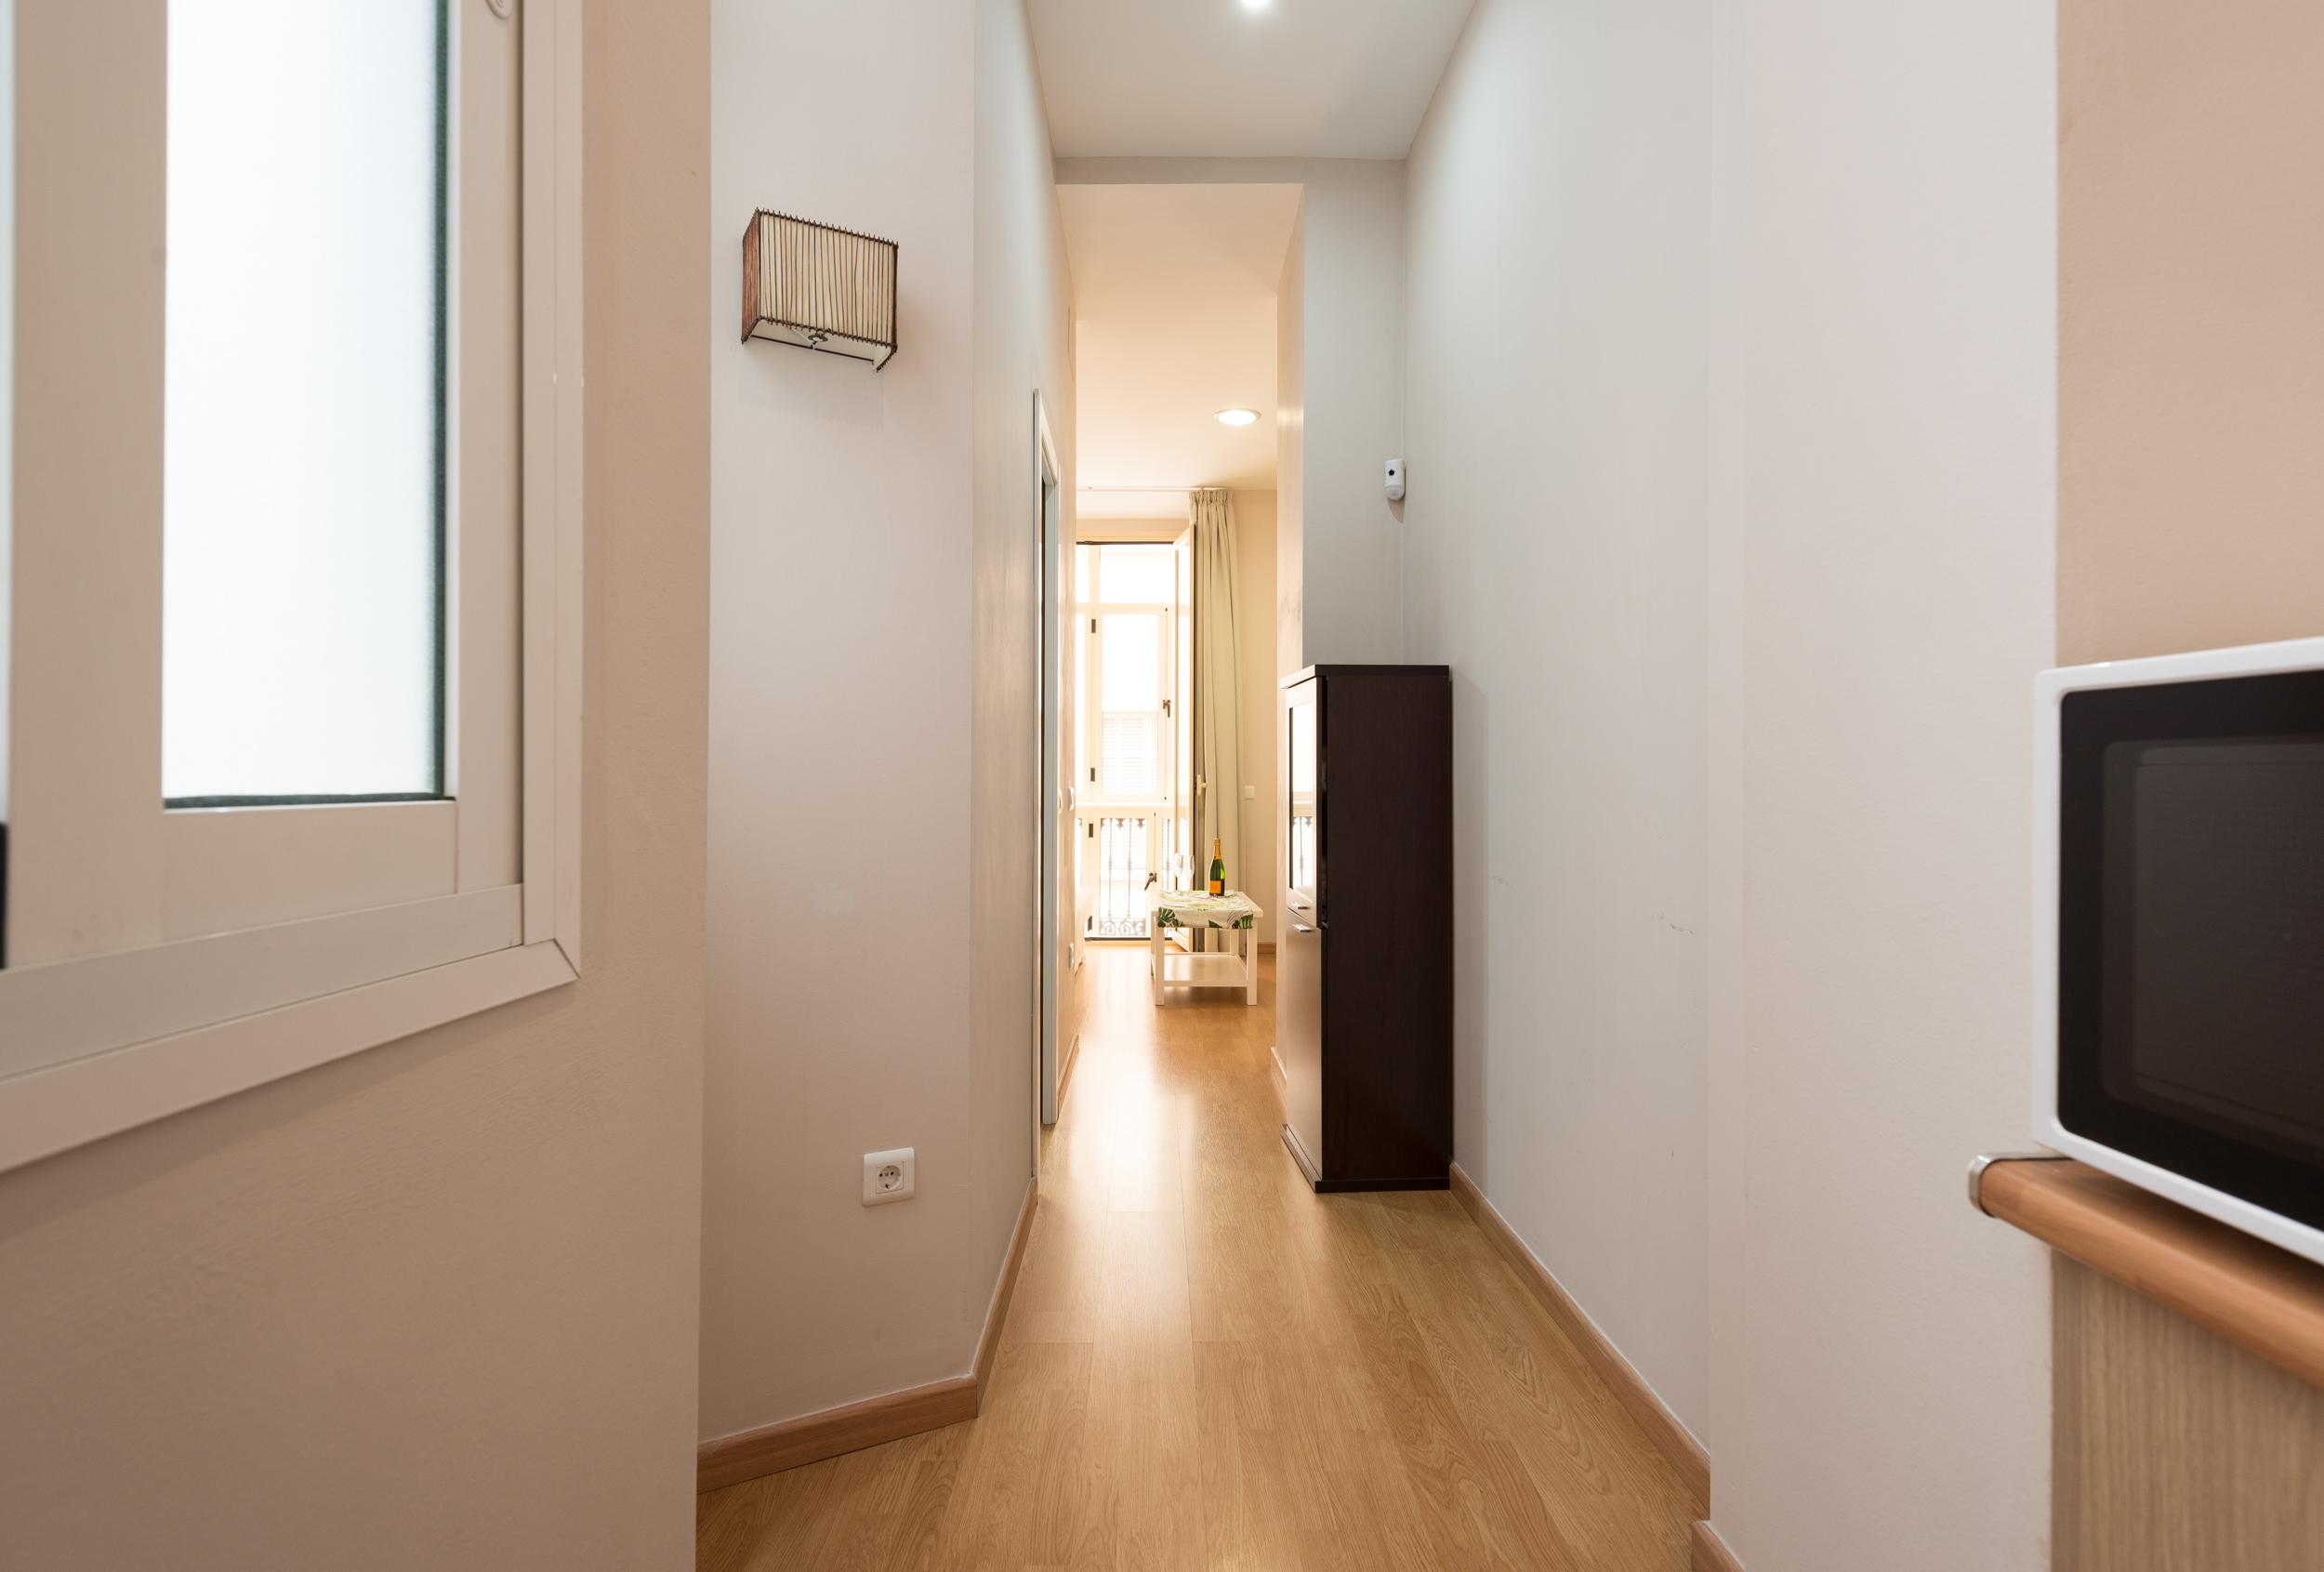 Apartment MalagaSuite Historic Center Capitan photo 23619305